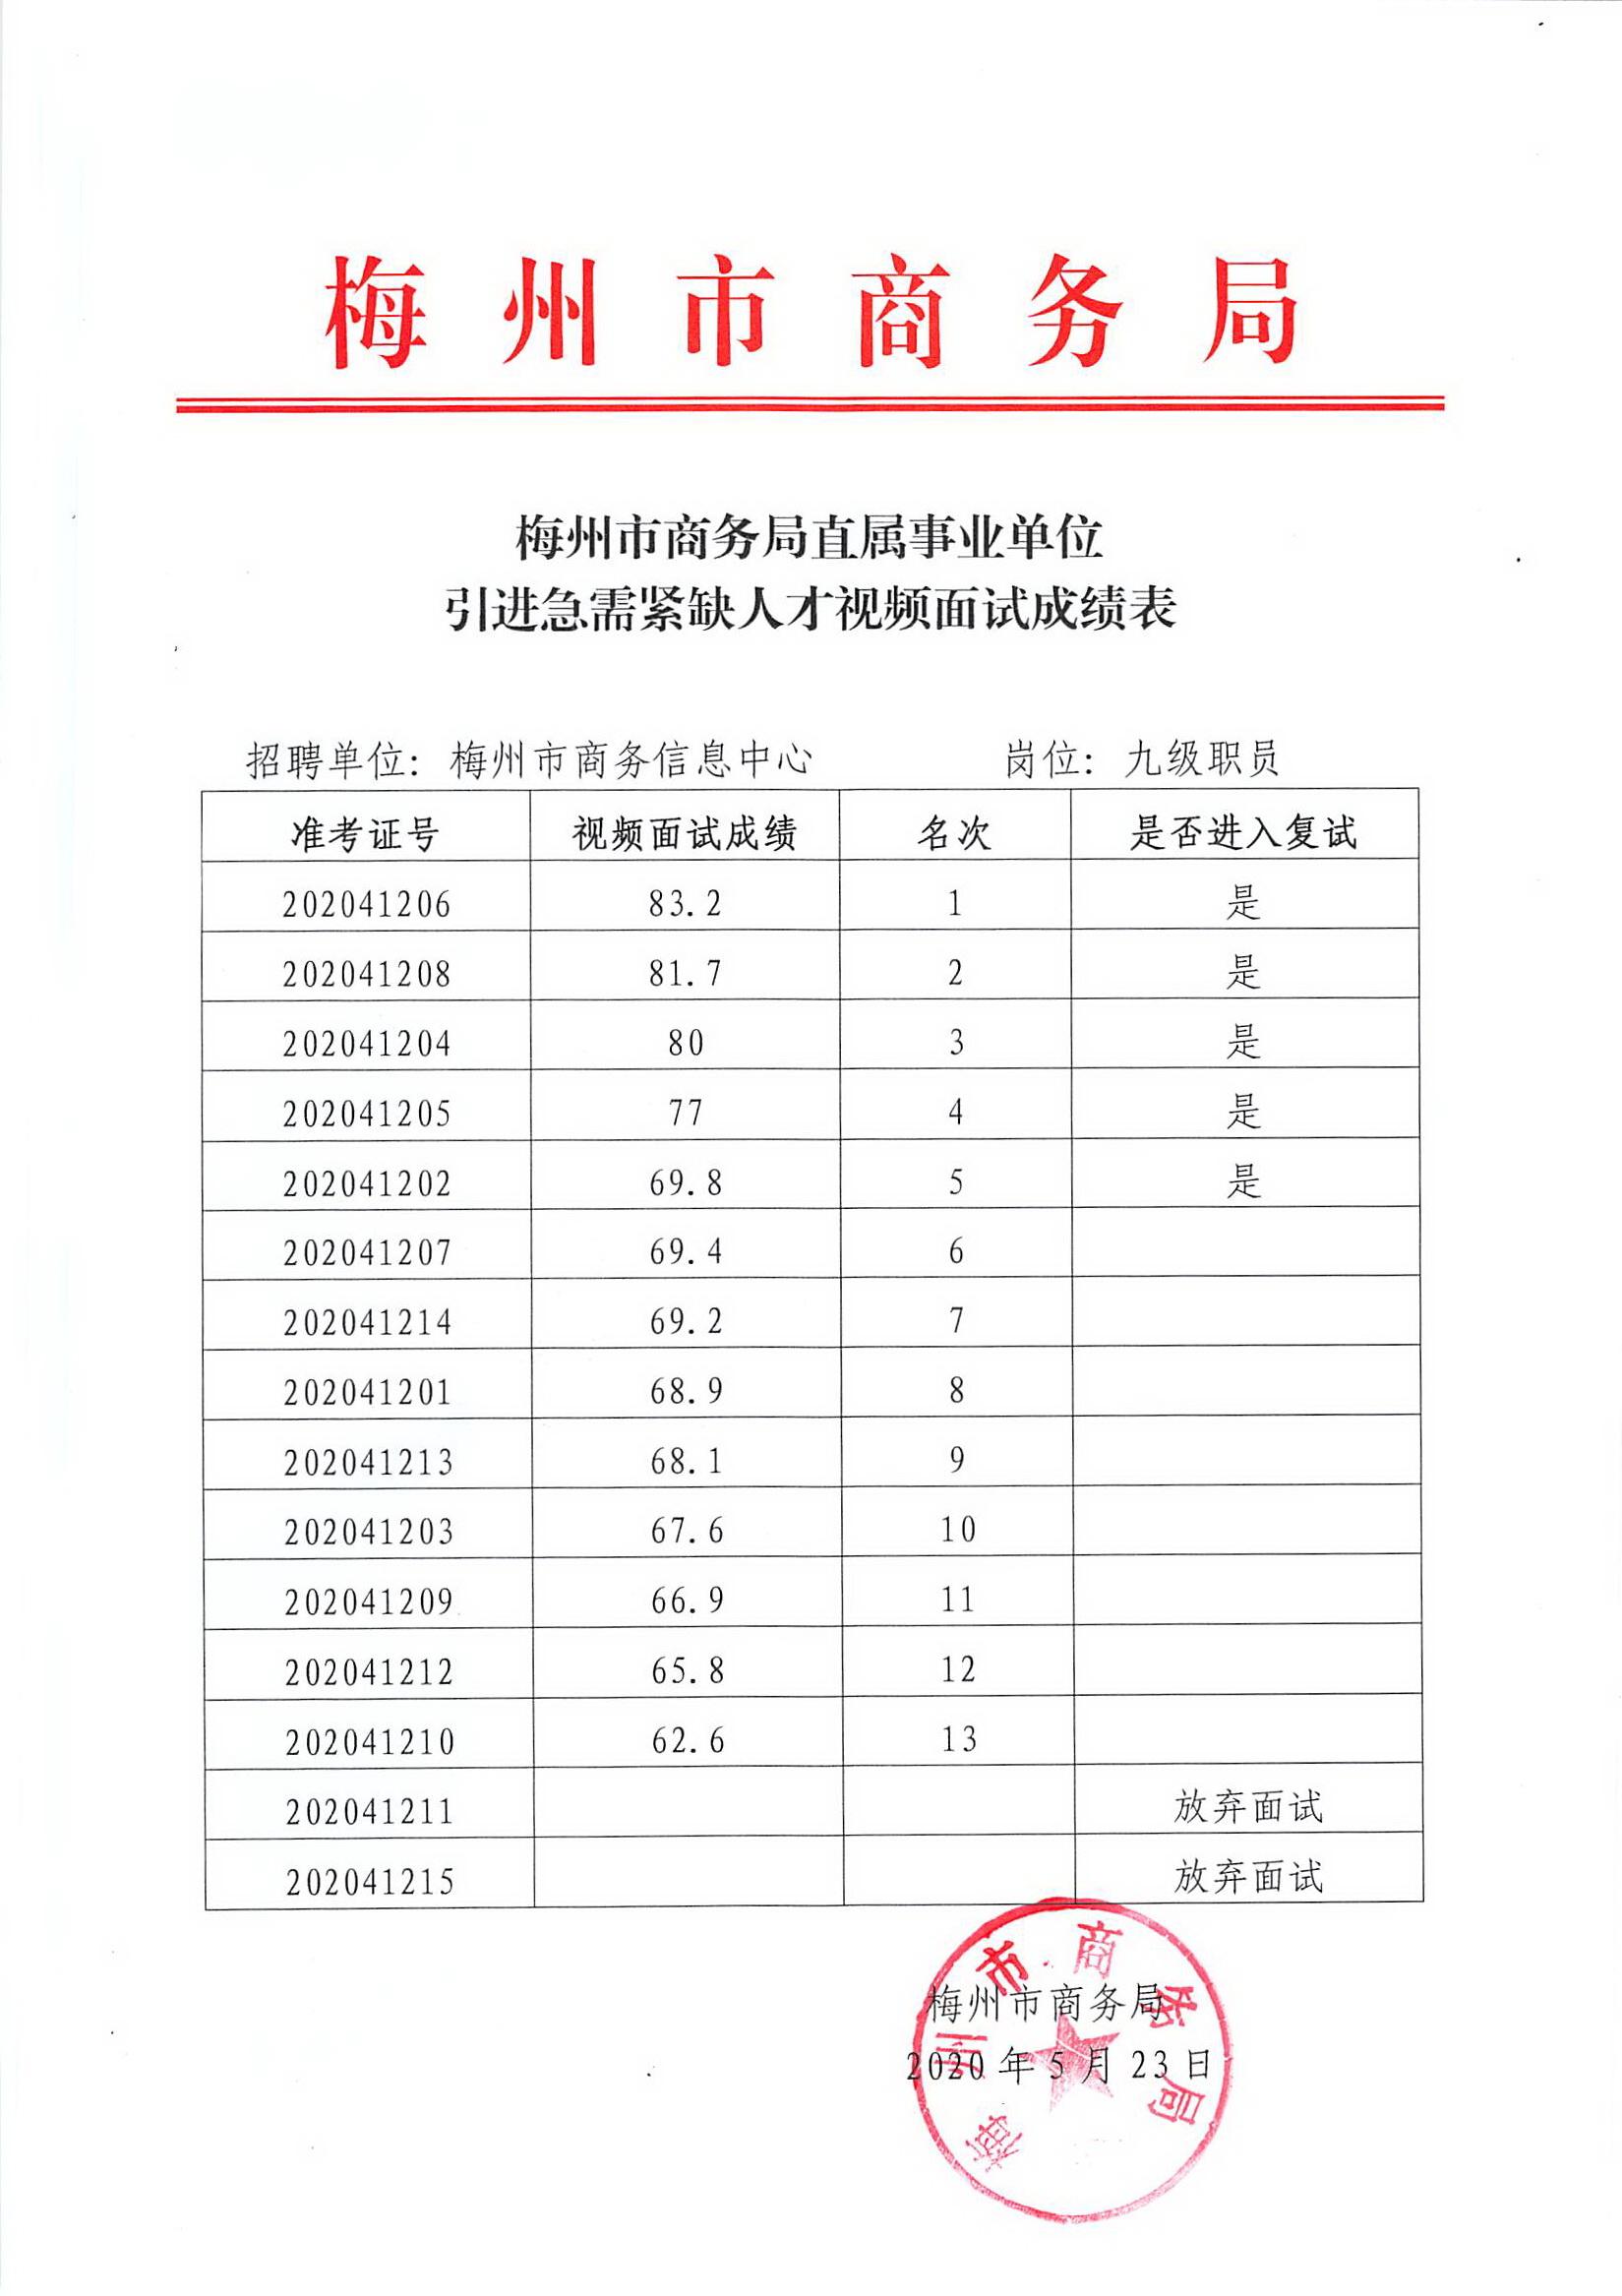 梅州市商务局直属事业单位引进急需紧缺人才视频面试成绩表.jpg